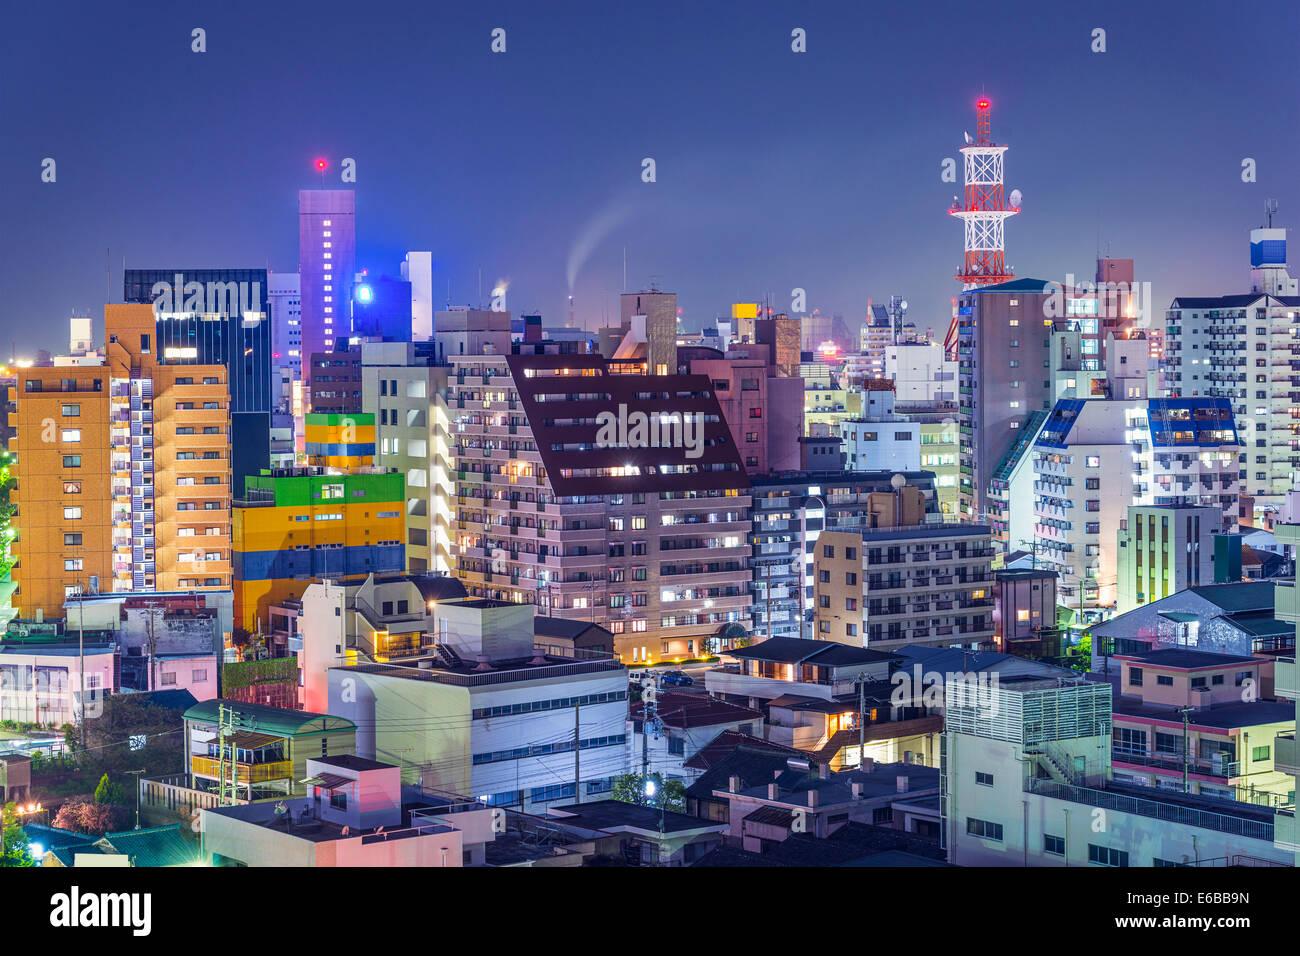 Wakayama, Japan downtown cityscape. - Stock Image